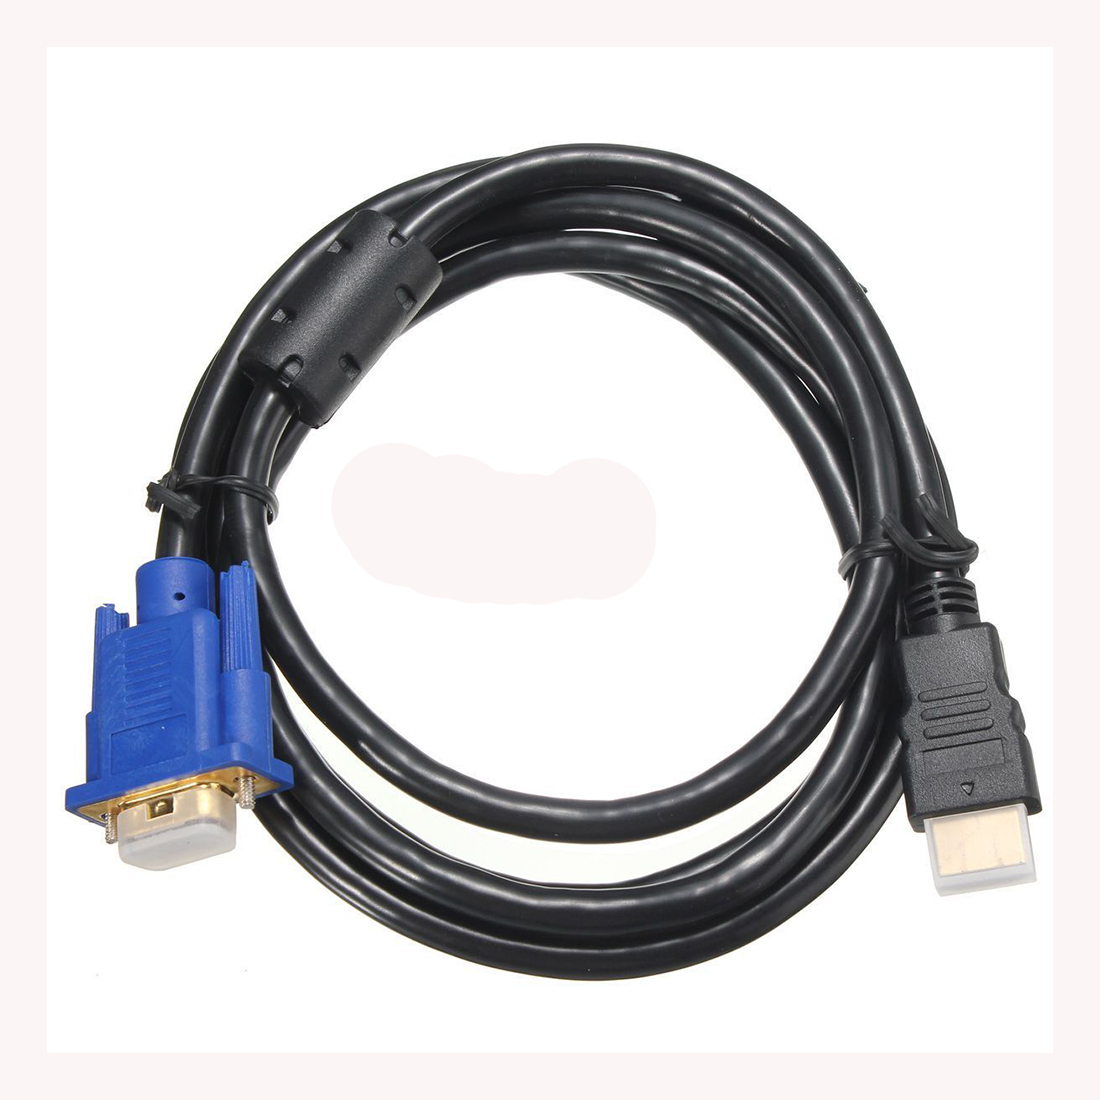 hight resolution of hdtv 1 8 m hdmi macho a vga cable adaptador cable conector para pc tv negro en de en aliexpress com alibaba group